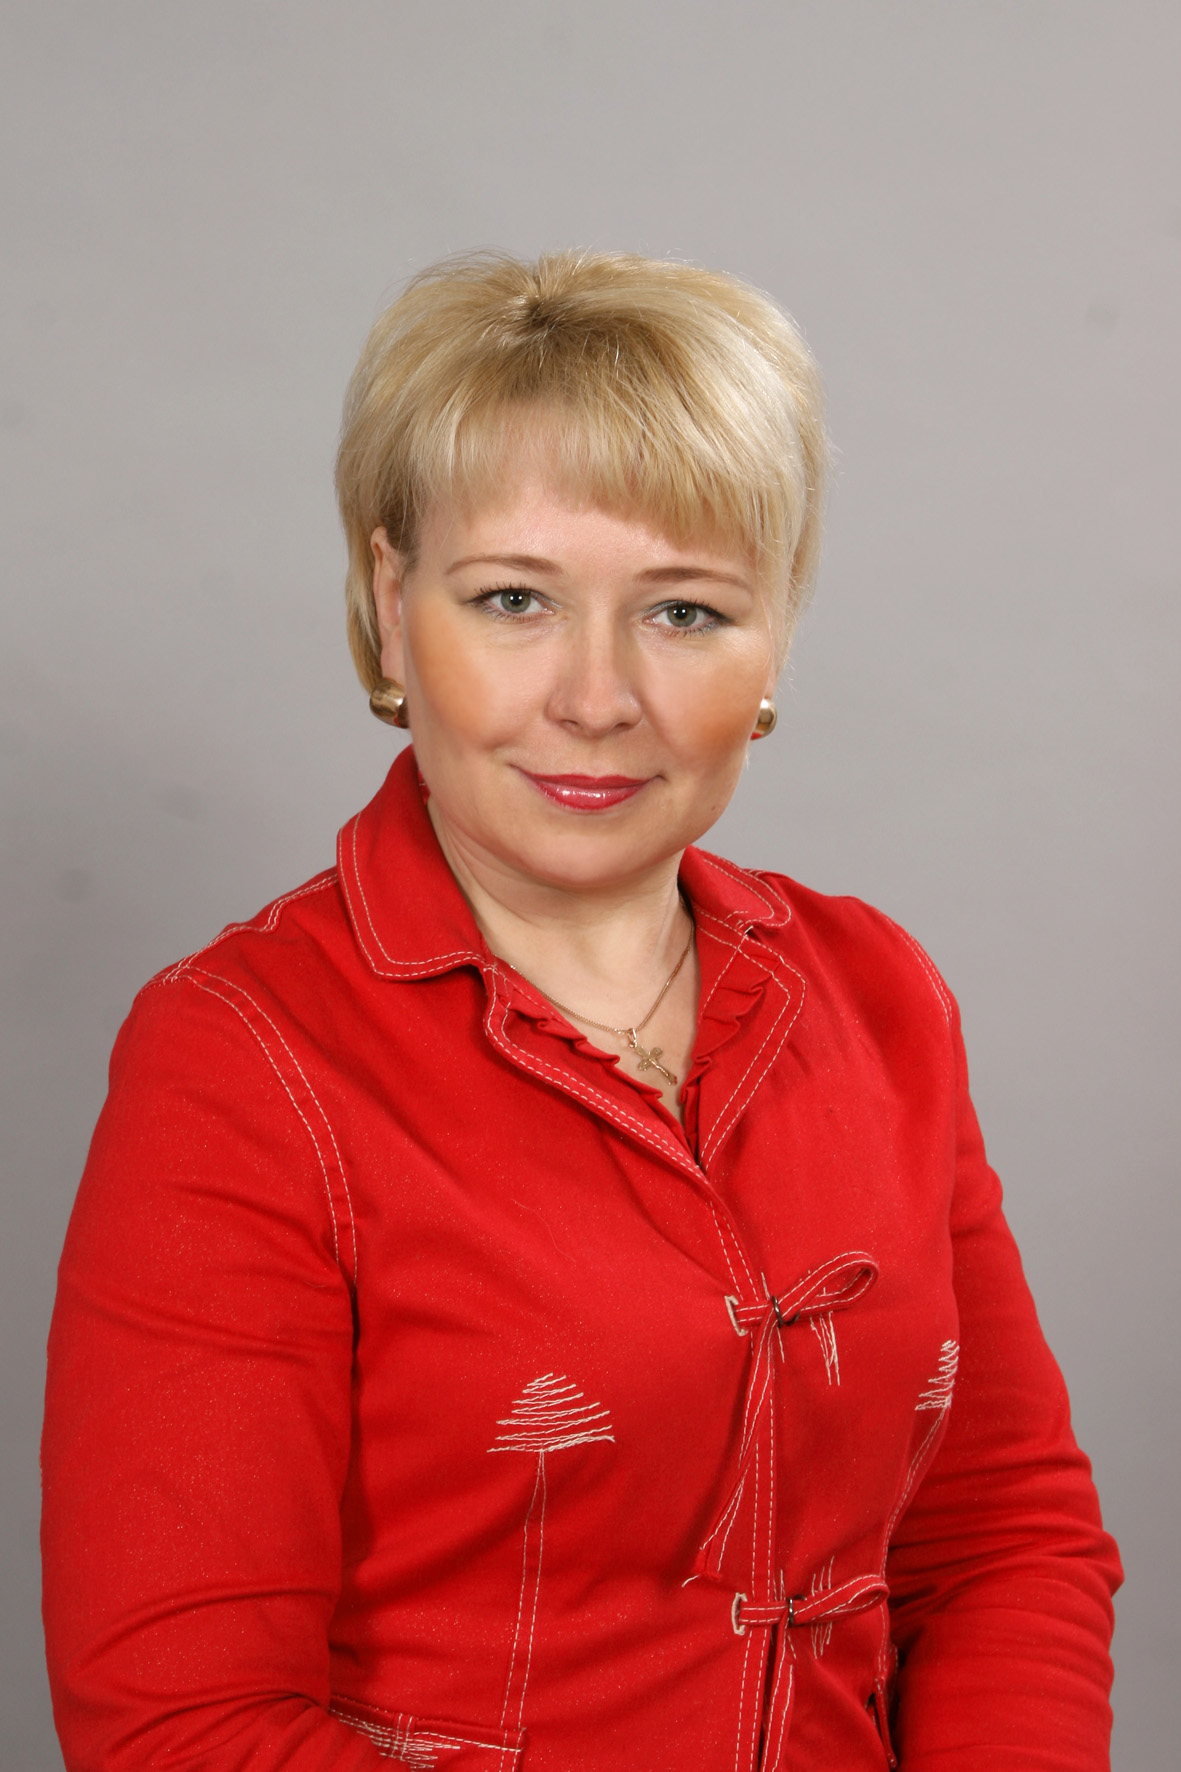 Челябинск вакансии учитель начальных классов